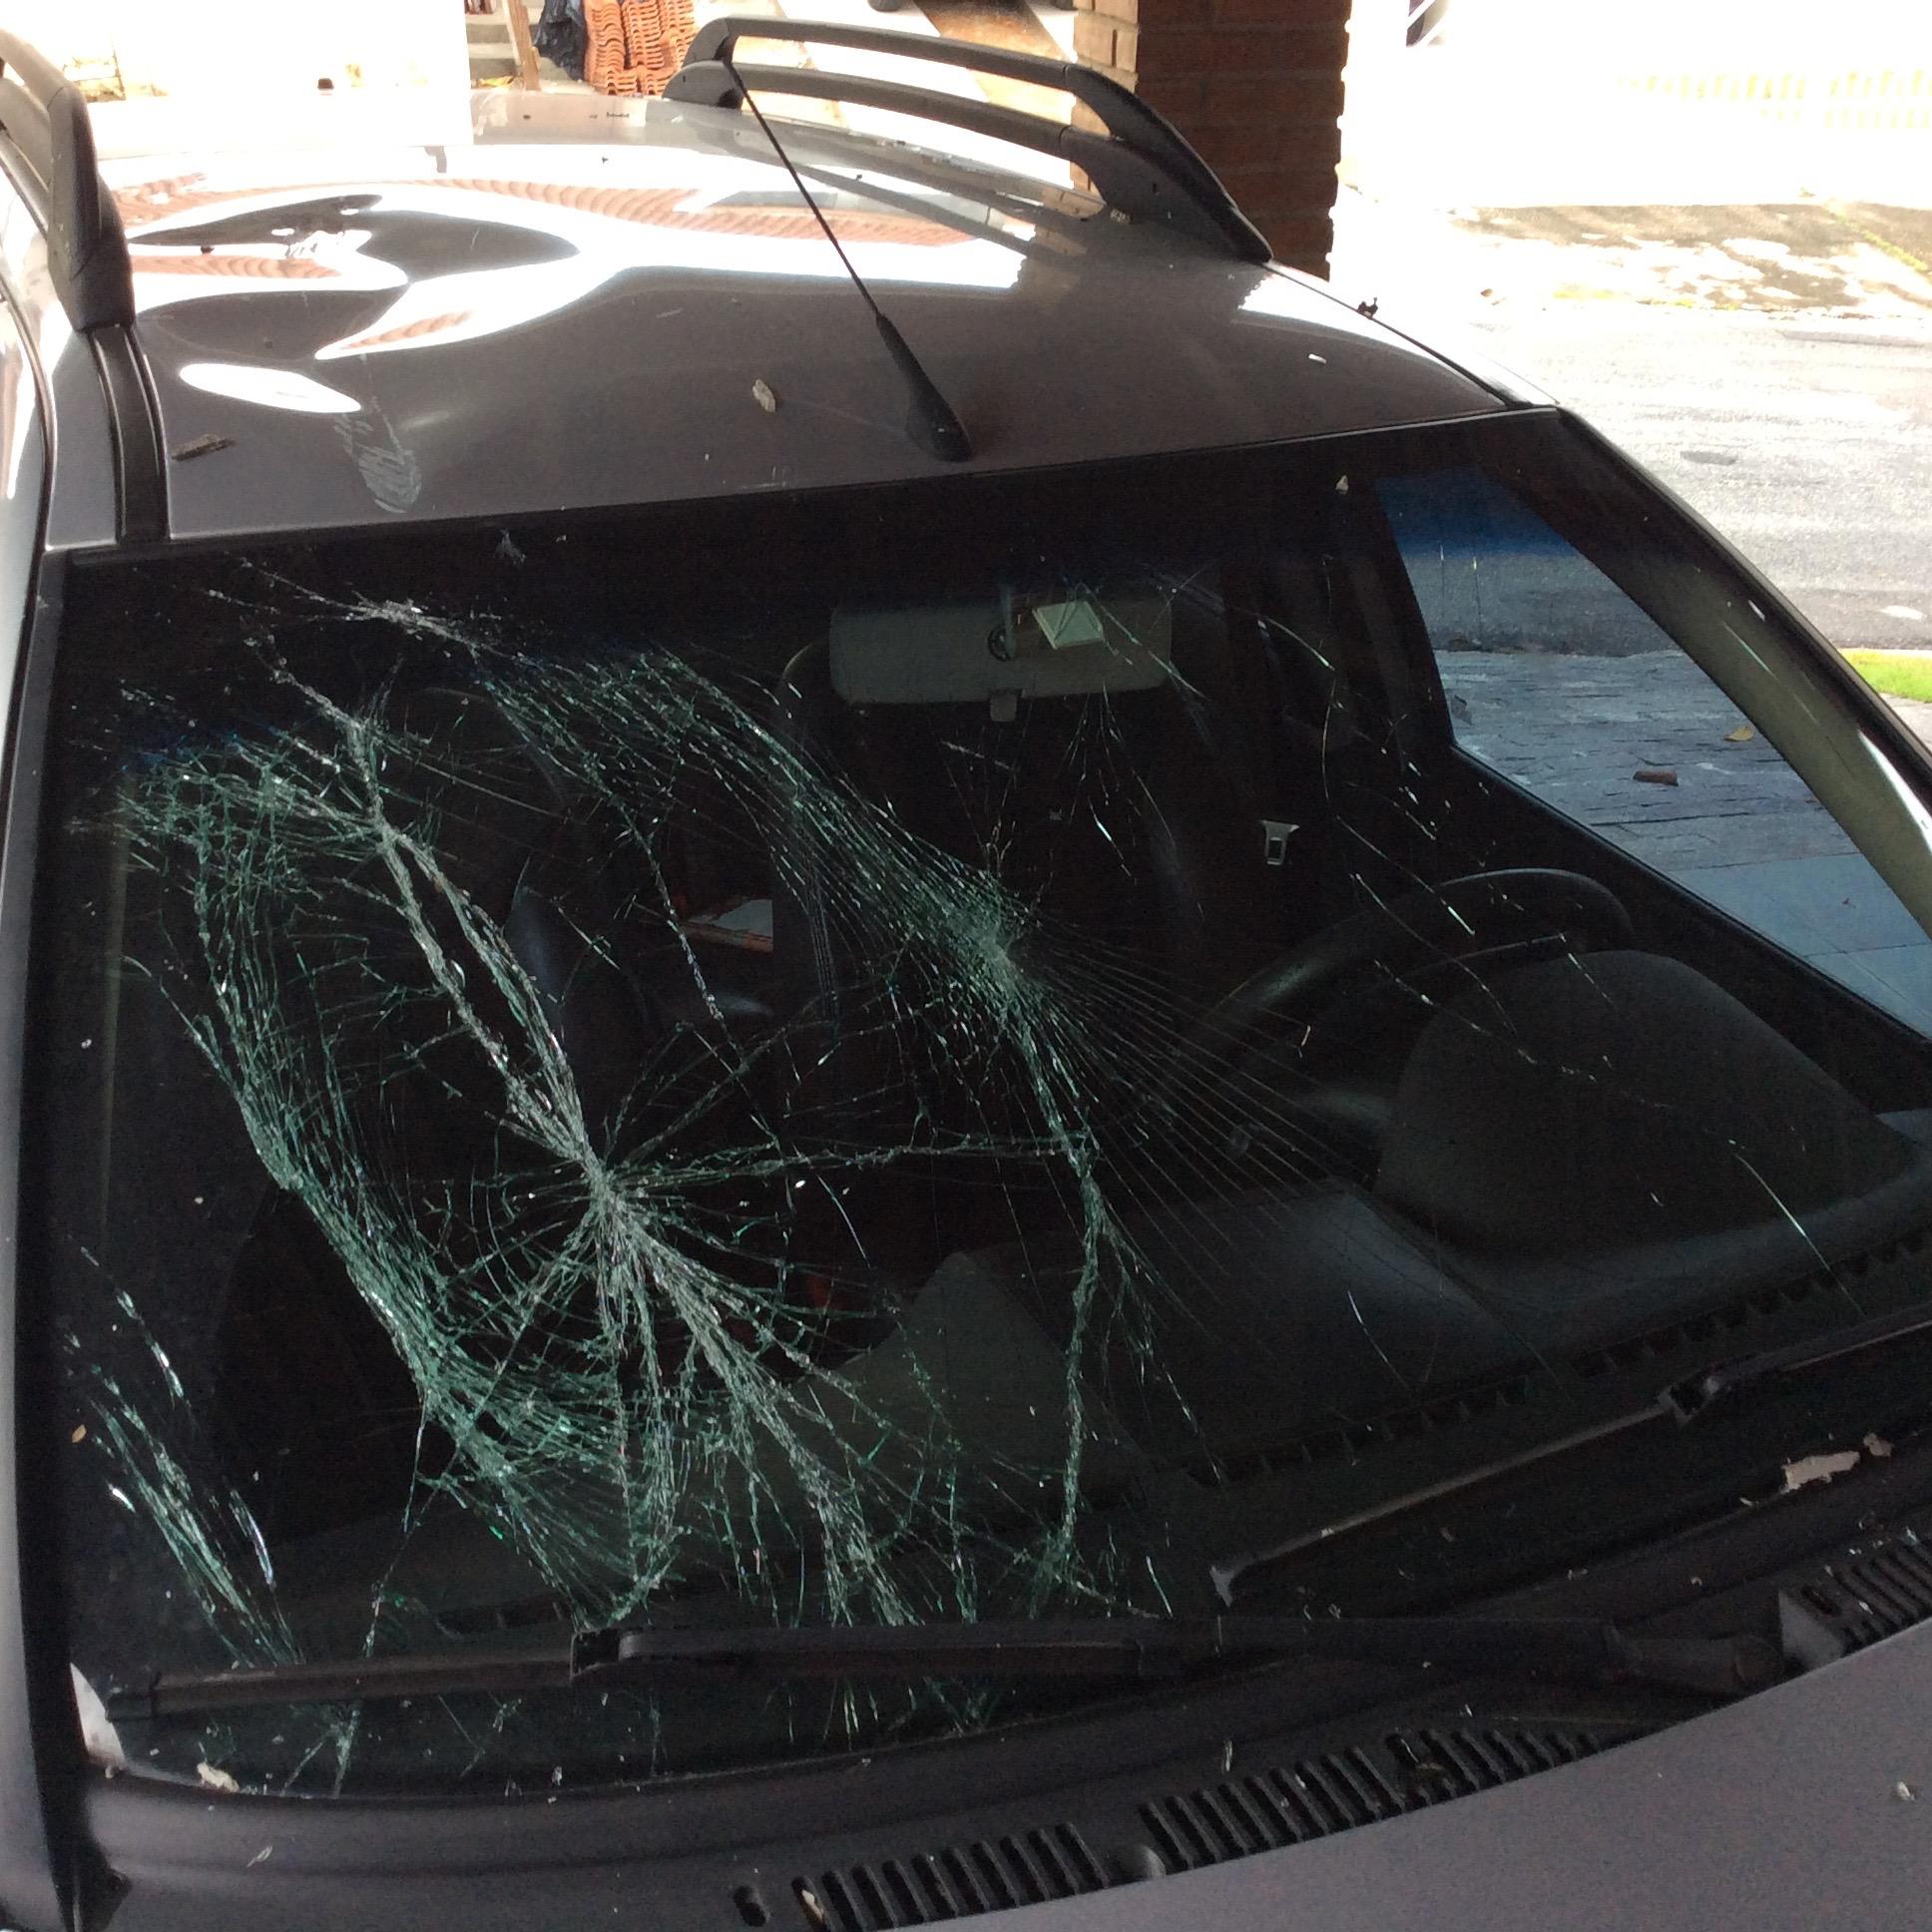 Editor escapes harm after car damaged in lightning incident